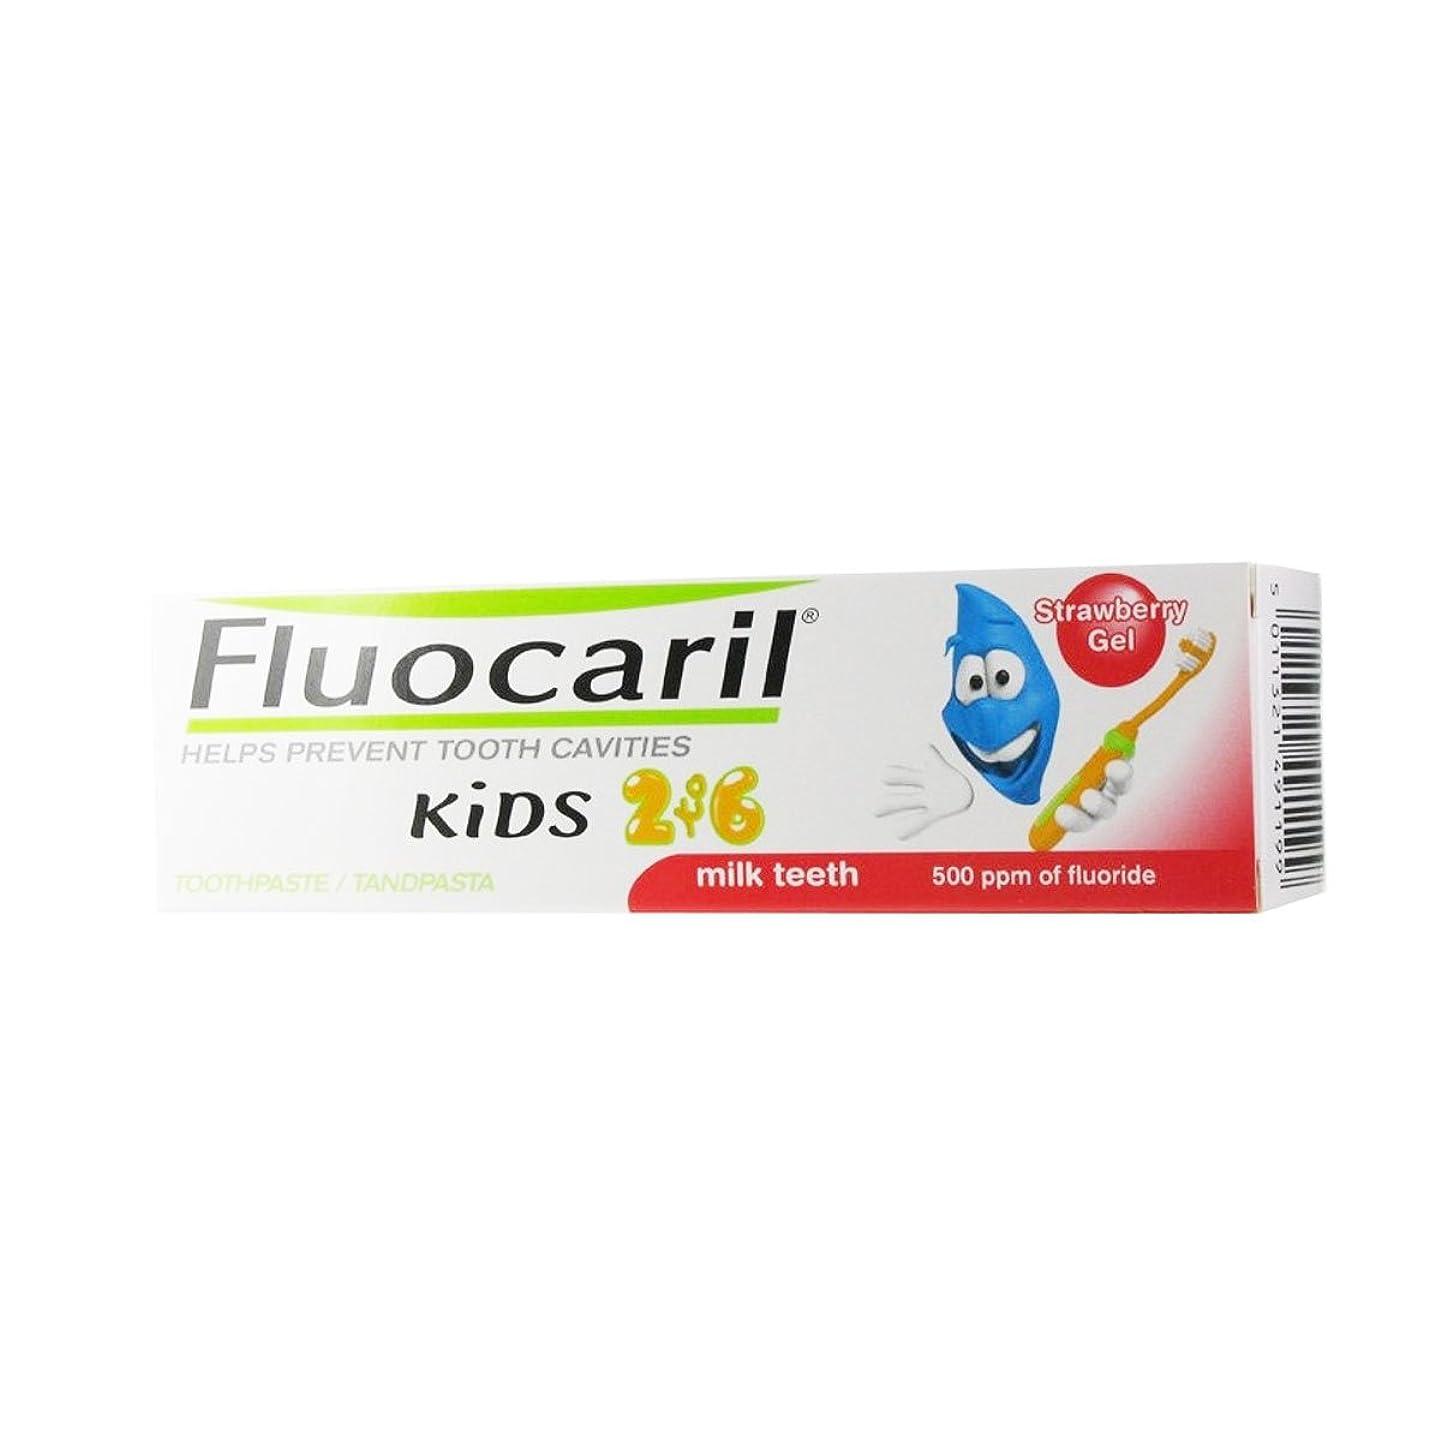 サイトラインメタン限りFluocaril Kids 2 To 6 Strawberry Gel 50ml [並行輸入品]